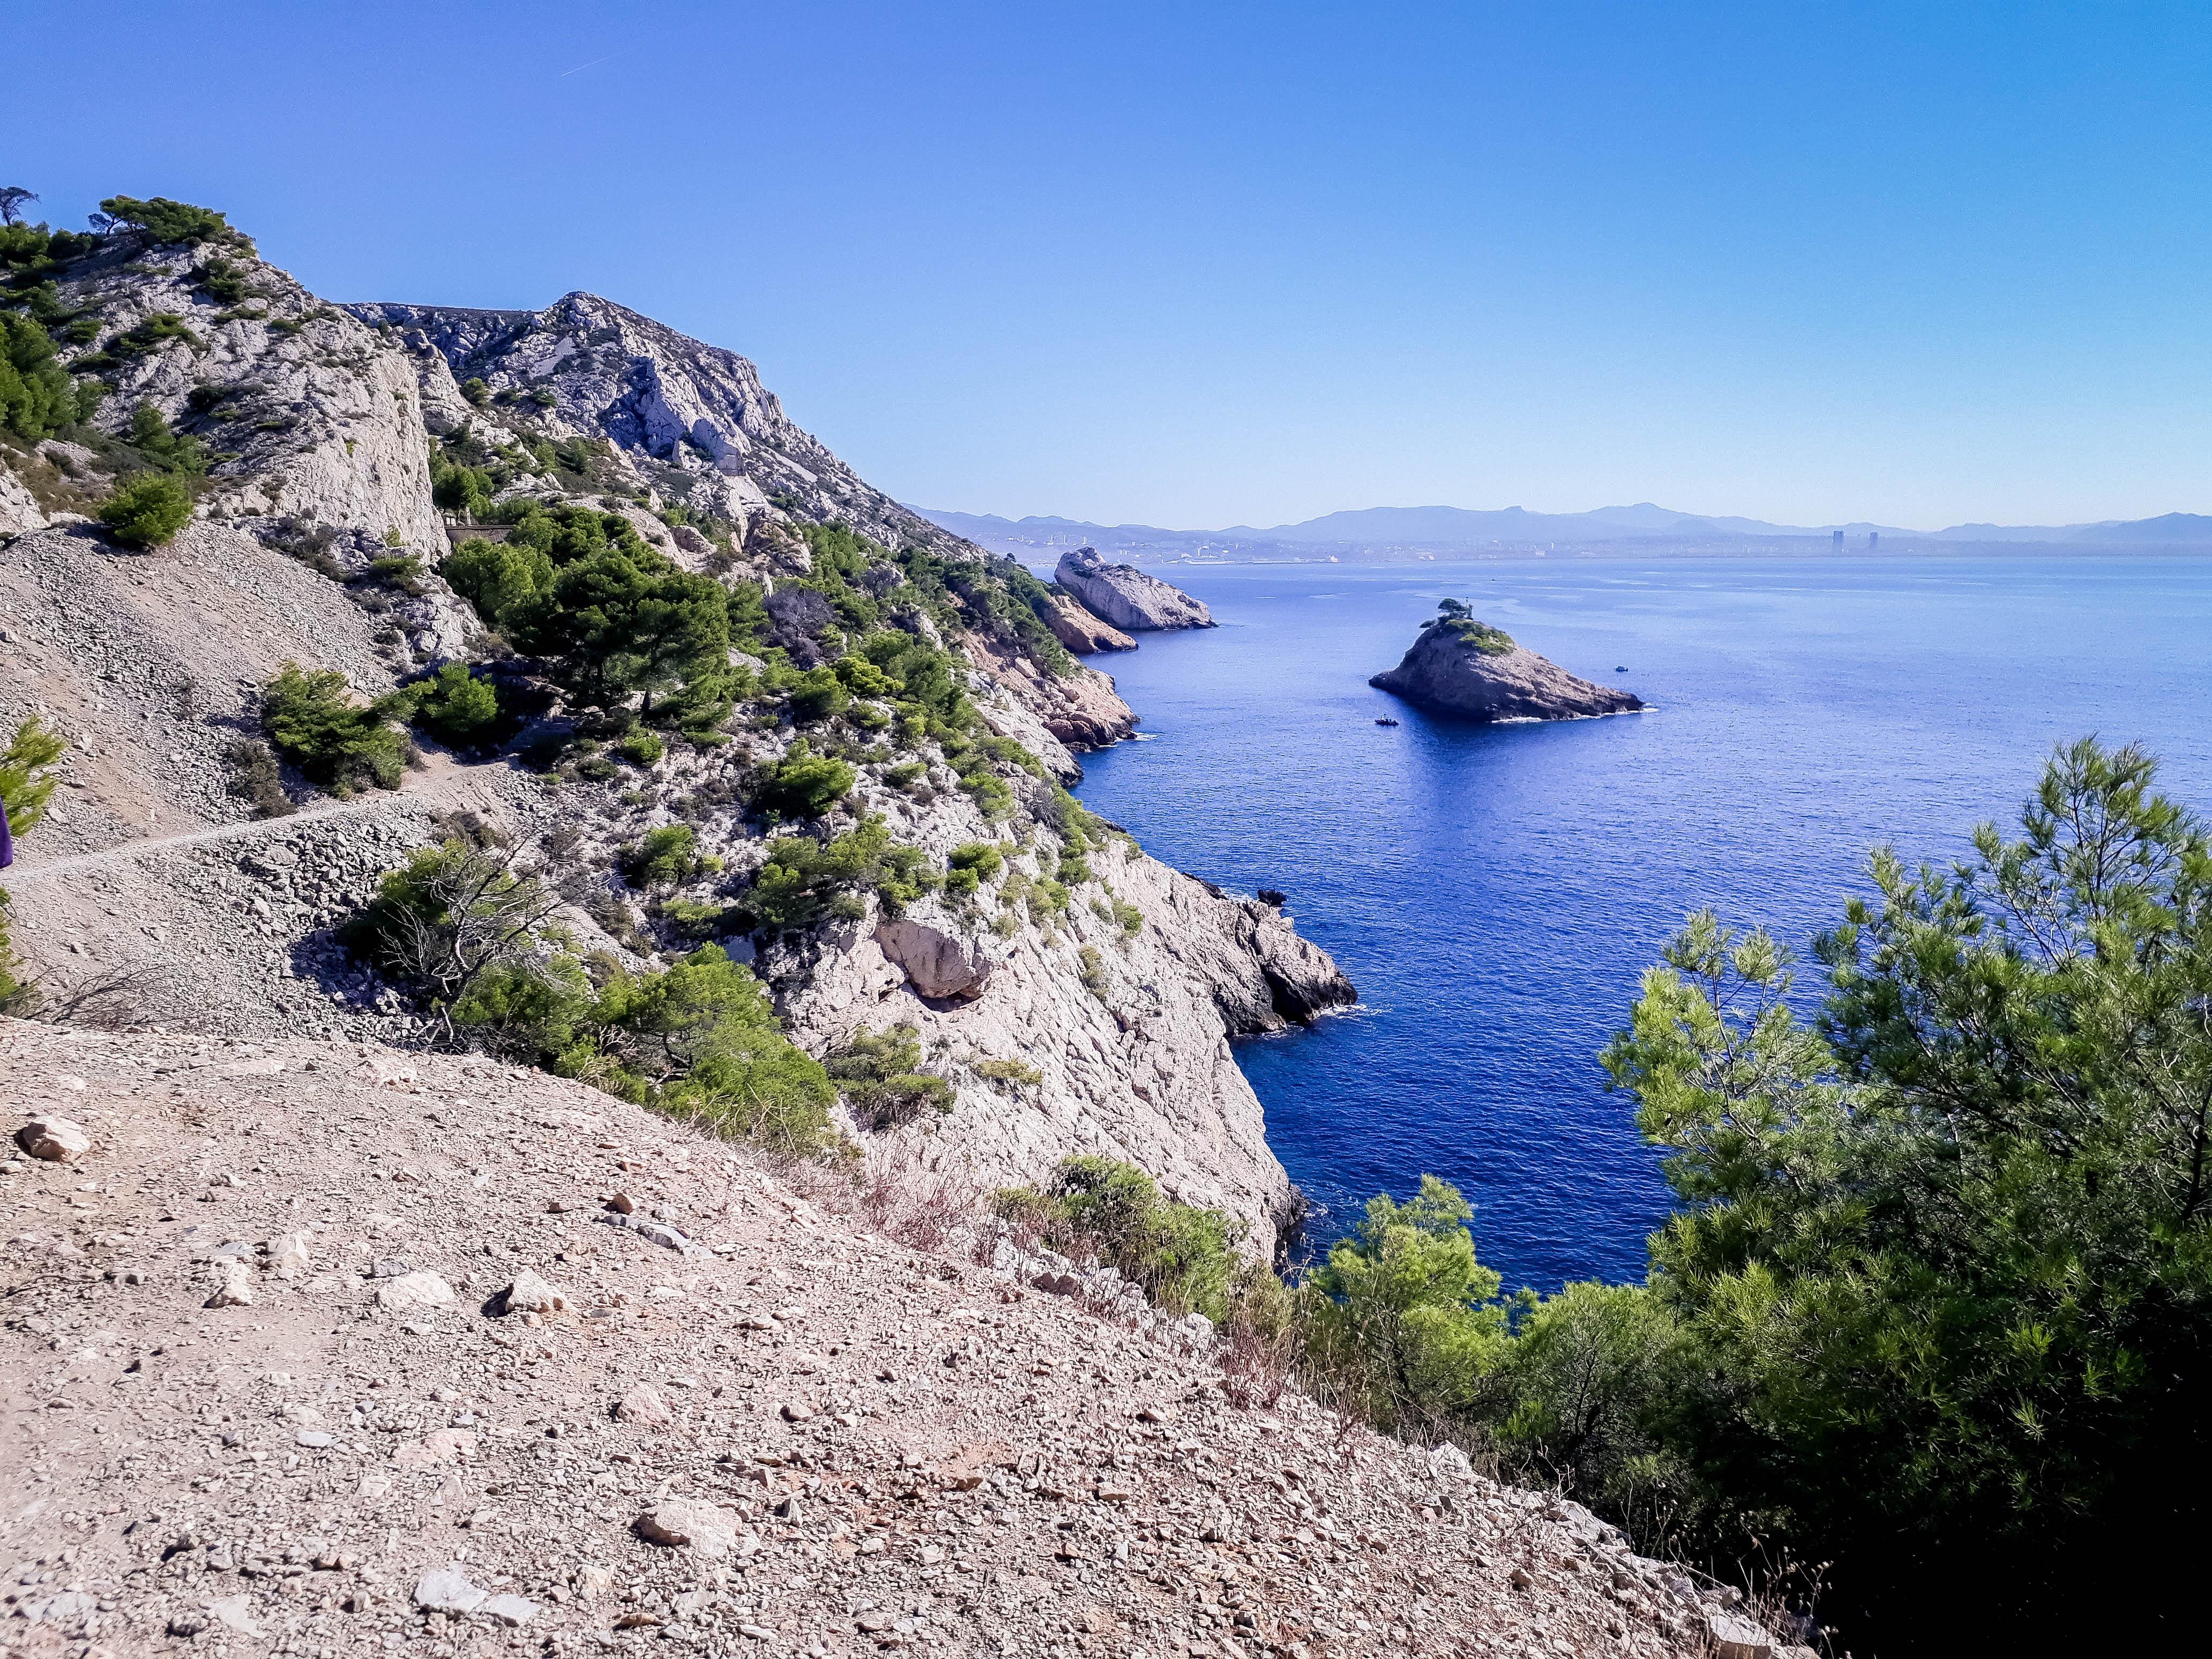 Calanque Küste bei Marseille